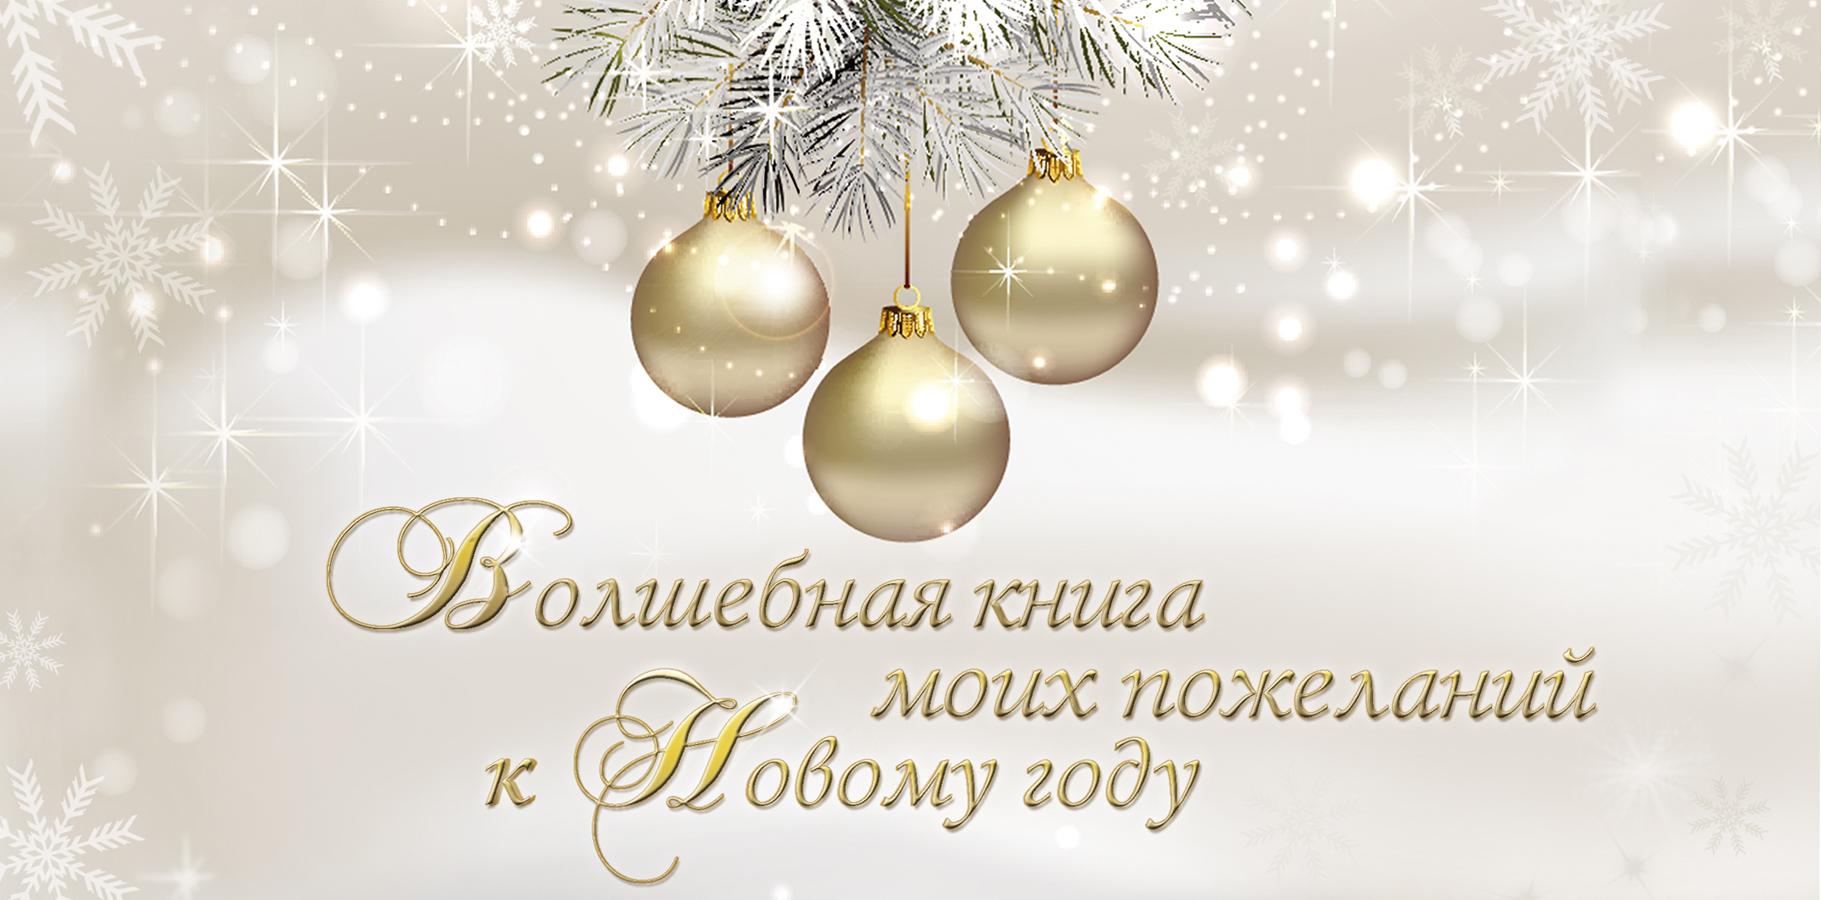 Волшебная книга моих пожеланий к Новому году волшебная книга моих пожеланий к новому году